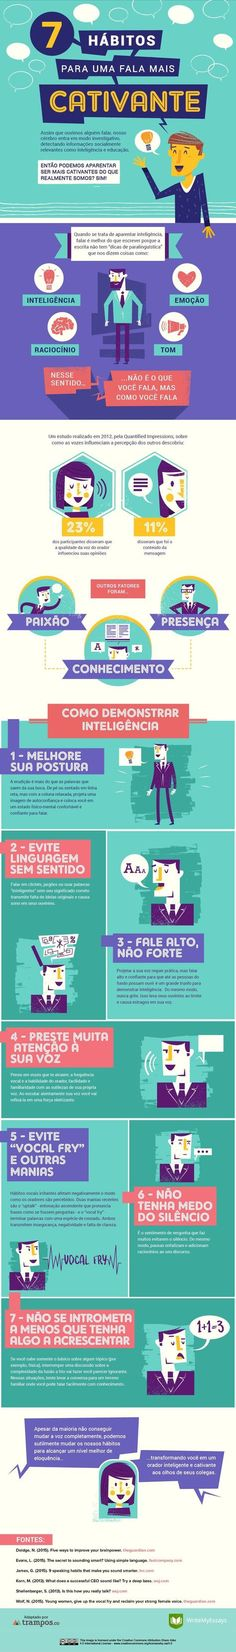 Infográfico: 7 hábitos para uma fala mais cativante.